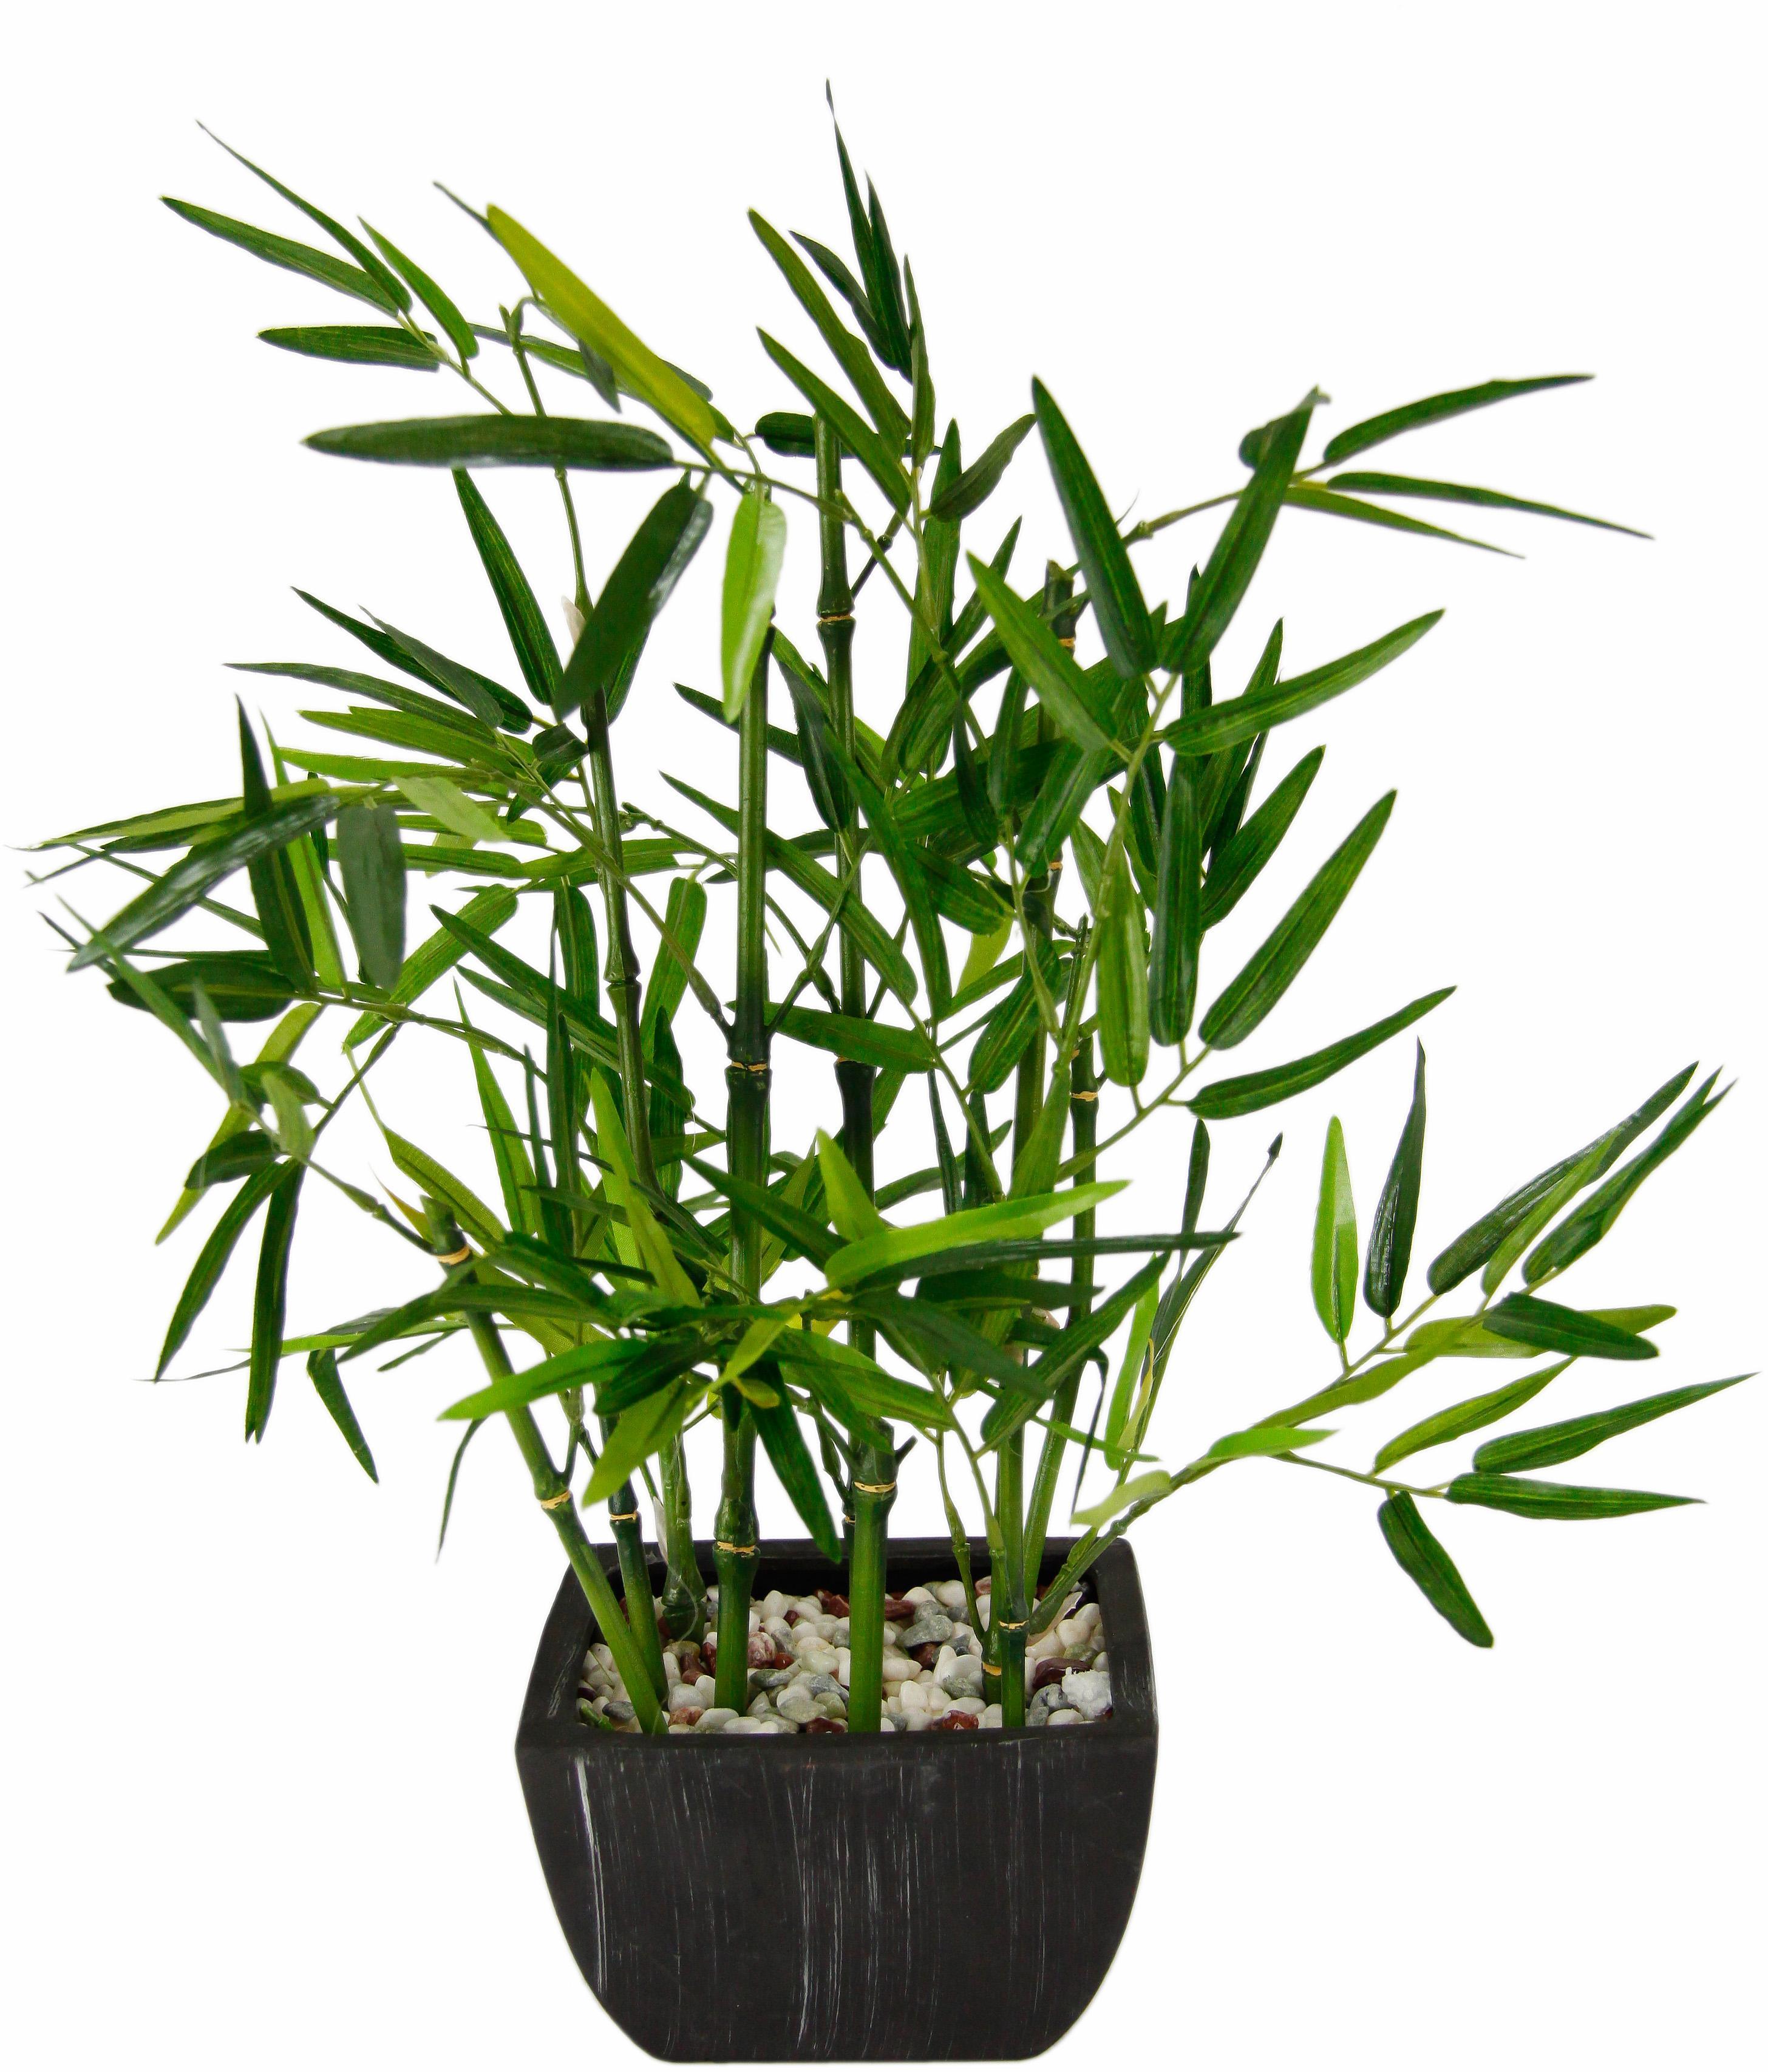 Kunstpflanze Bambus Technik & Freizeit/Heimwerken & Garten/Garten & Balkon/Pflanzen/Zimmerpflanzen